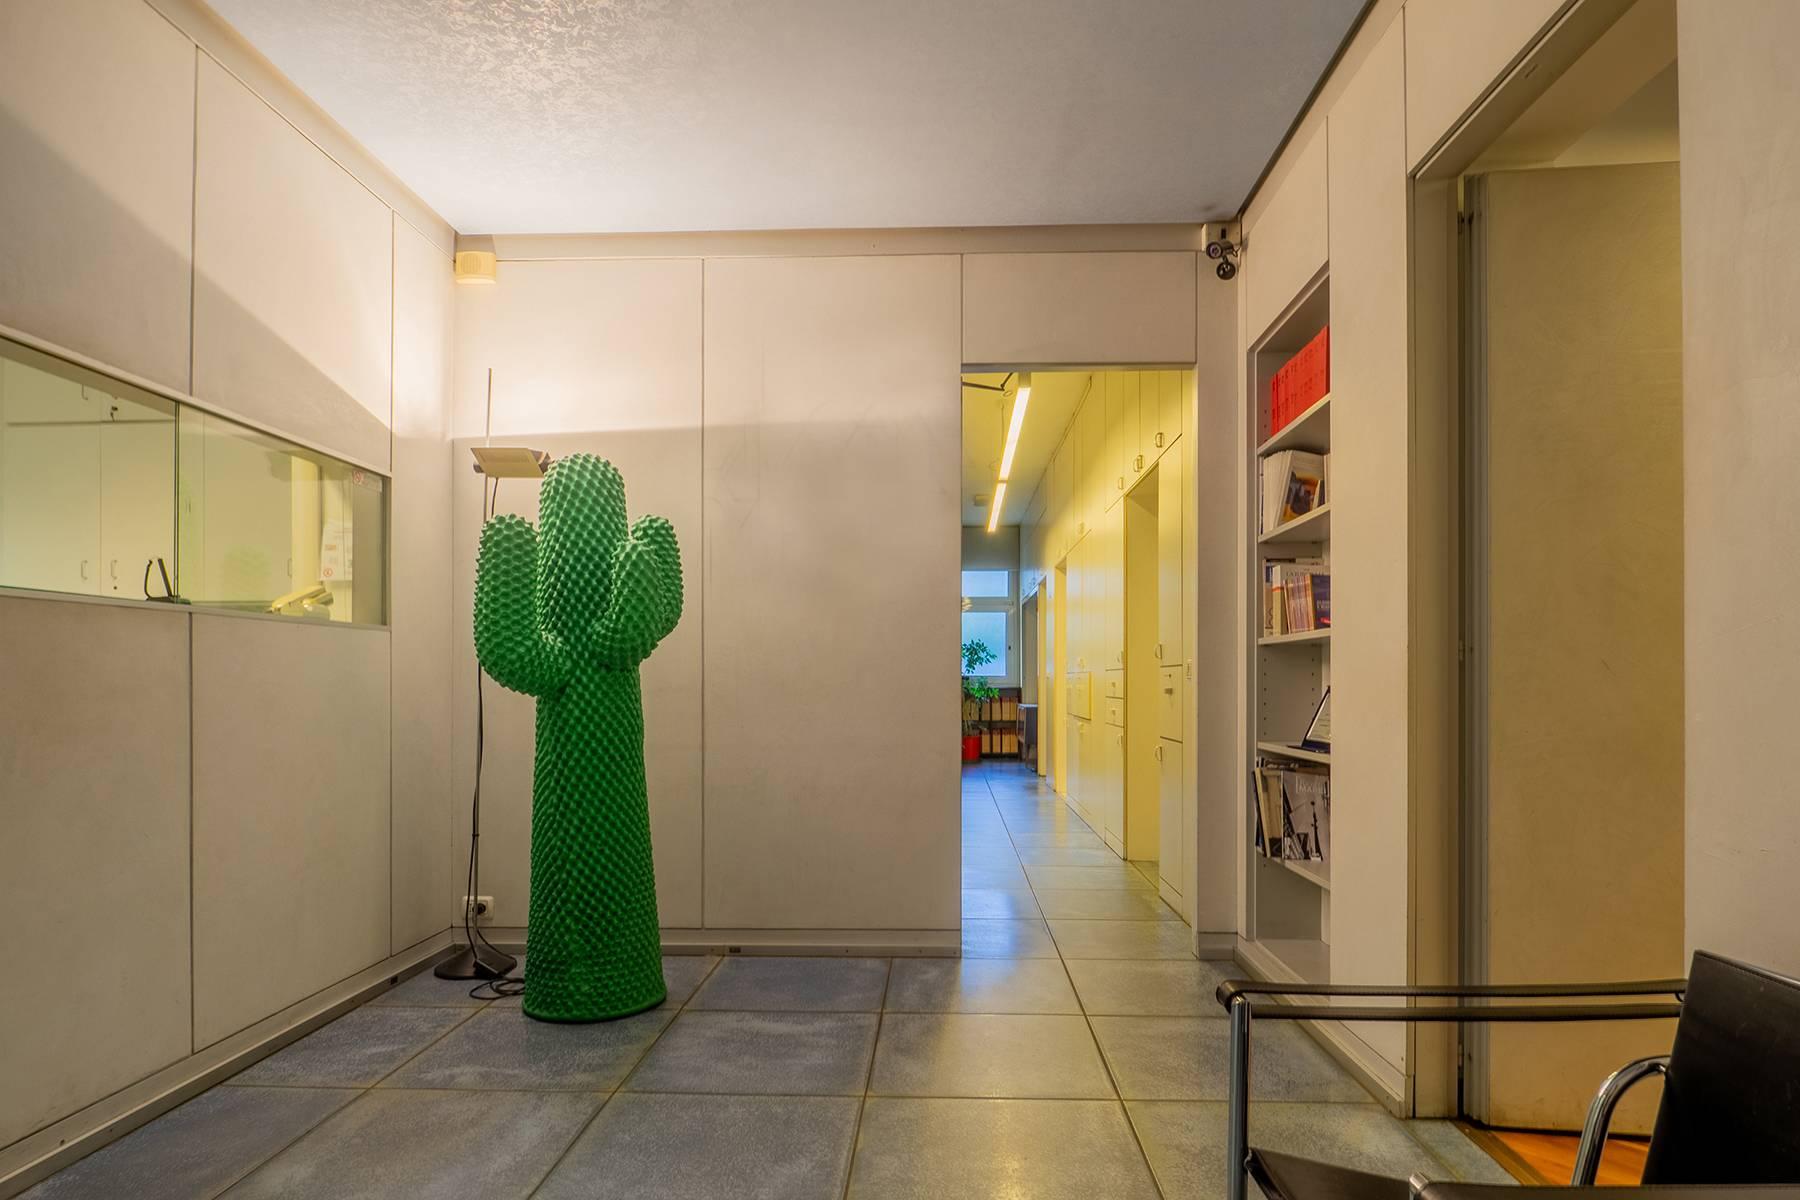 Ufficio-studio in Vendita a Torino: 4 locali, 224 mq - Foto 12